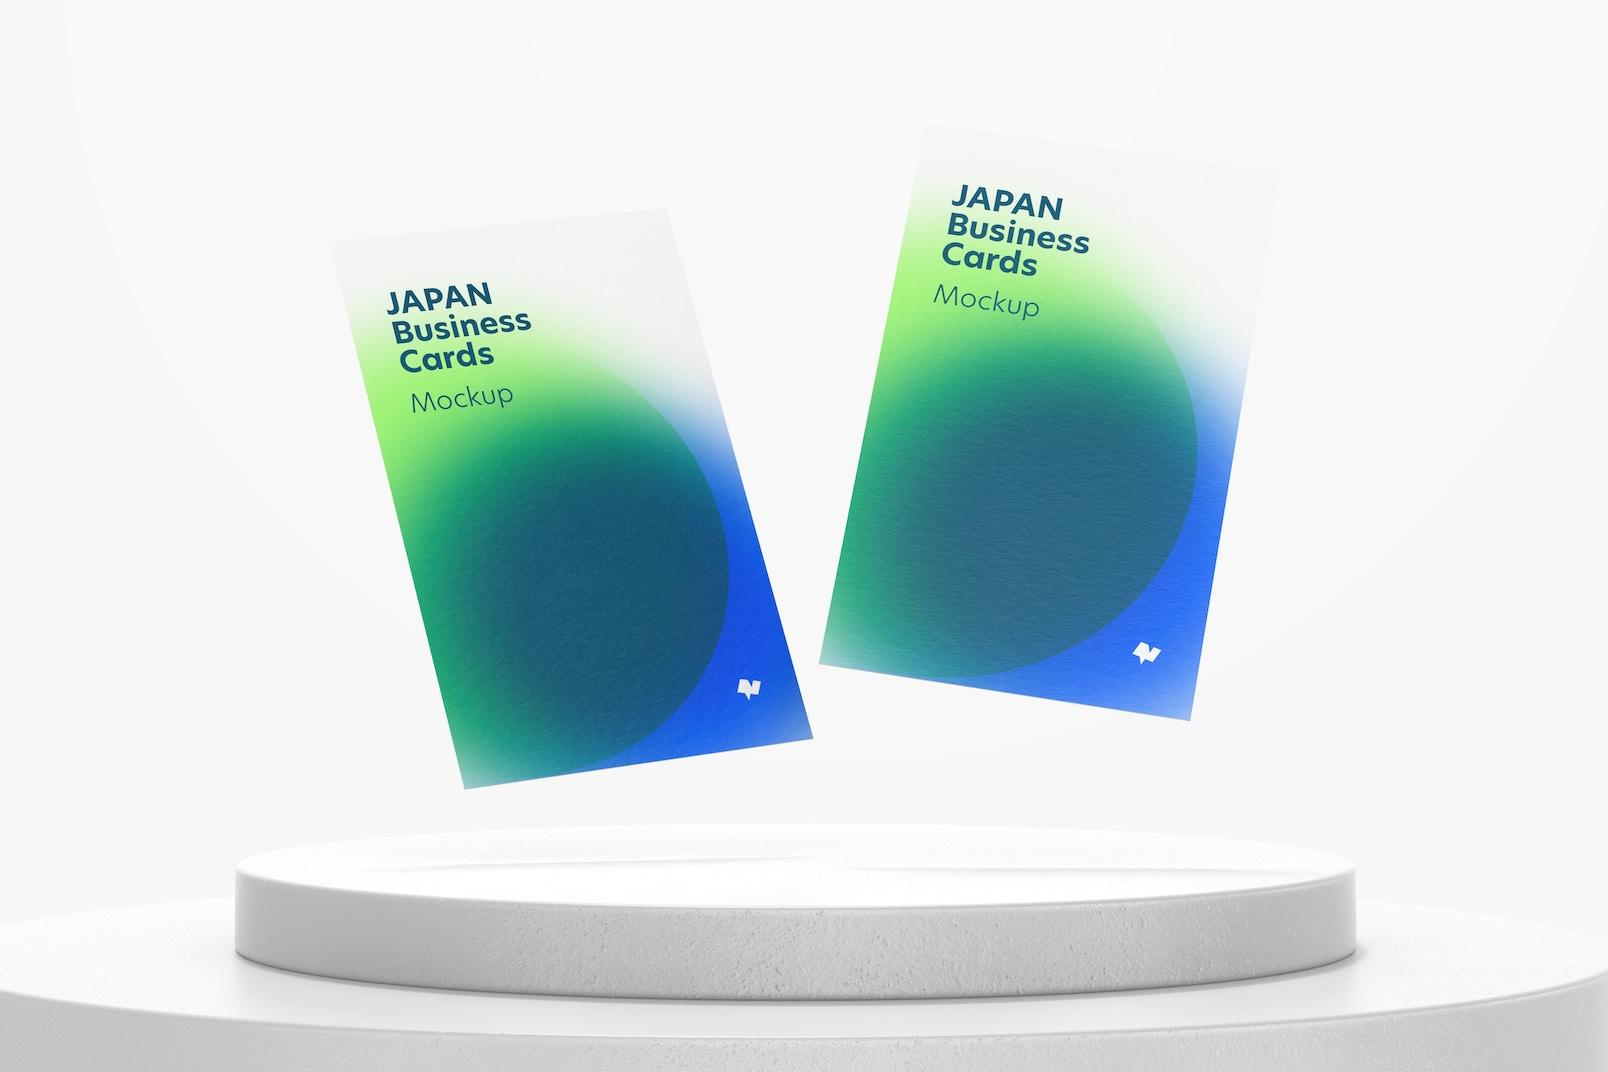 Japan Portrait Business Cards Mockup, Floating